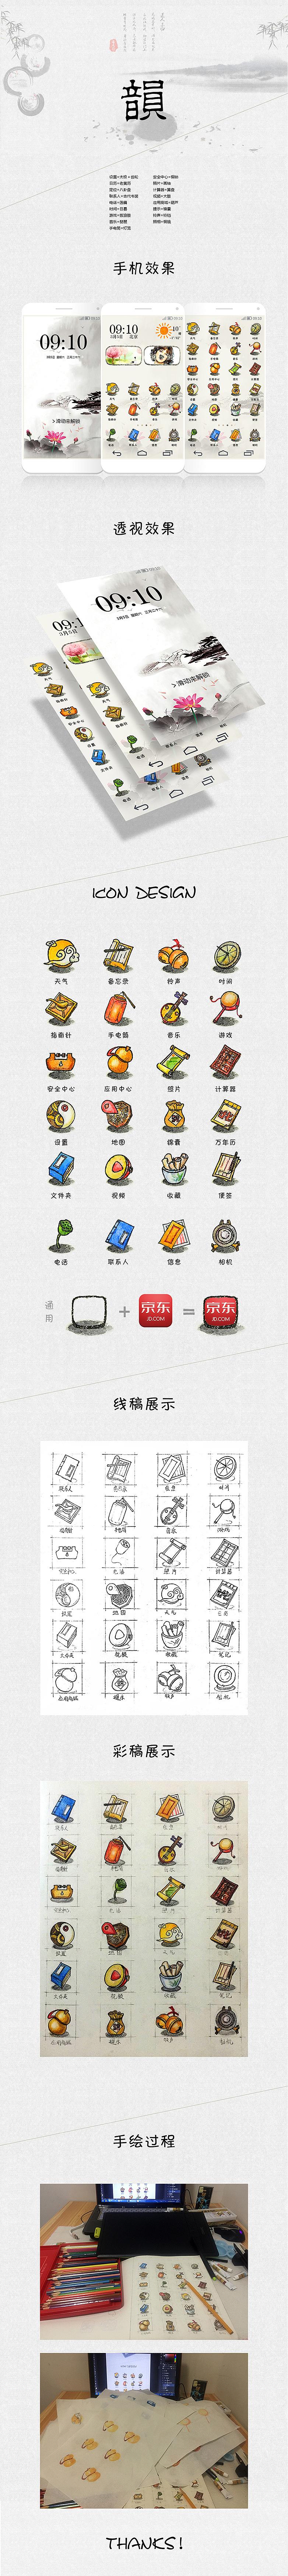 中国风手绘主题图标